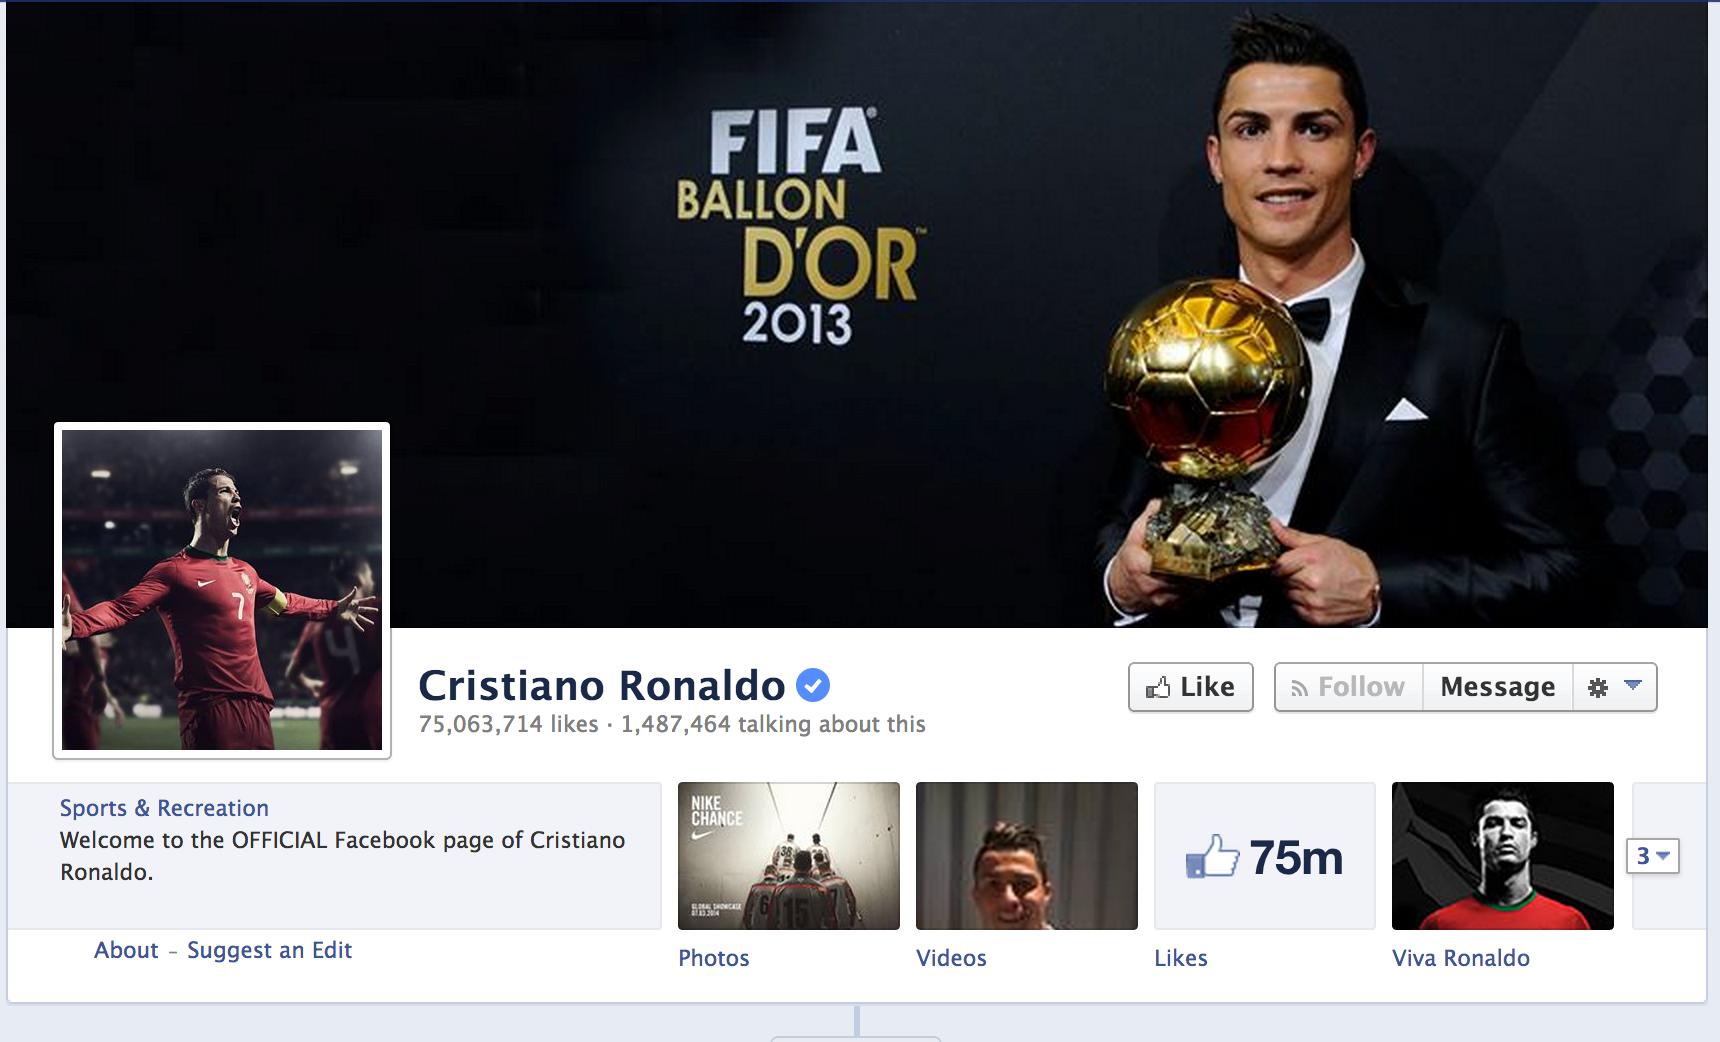 Cristiano Ronaldo on Facebook